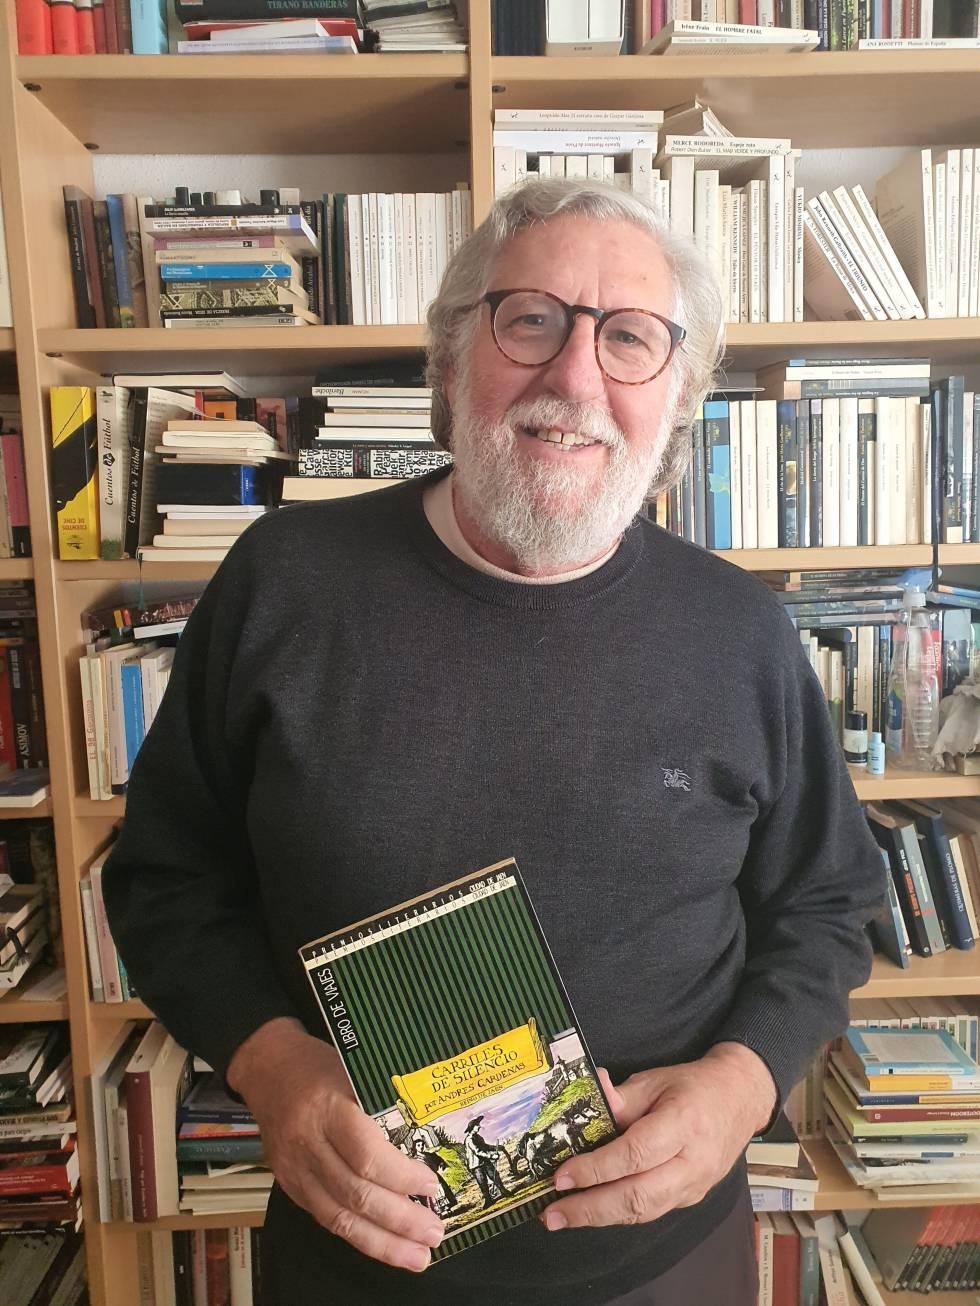 El autor, Andrés Cárdenas, con el ejemplar recuperado.